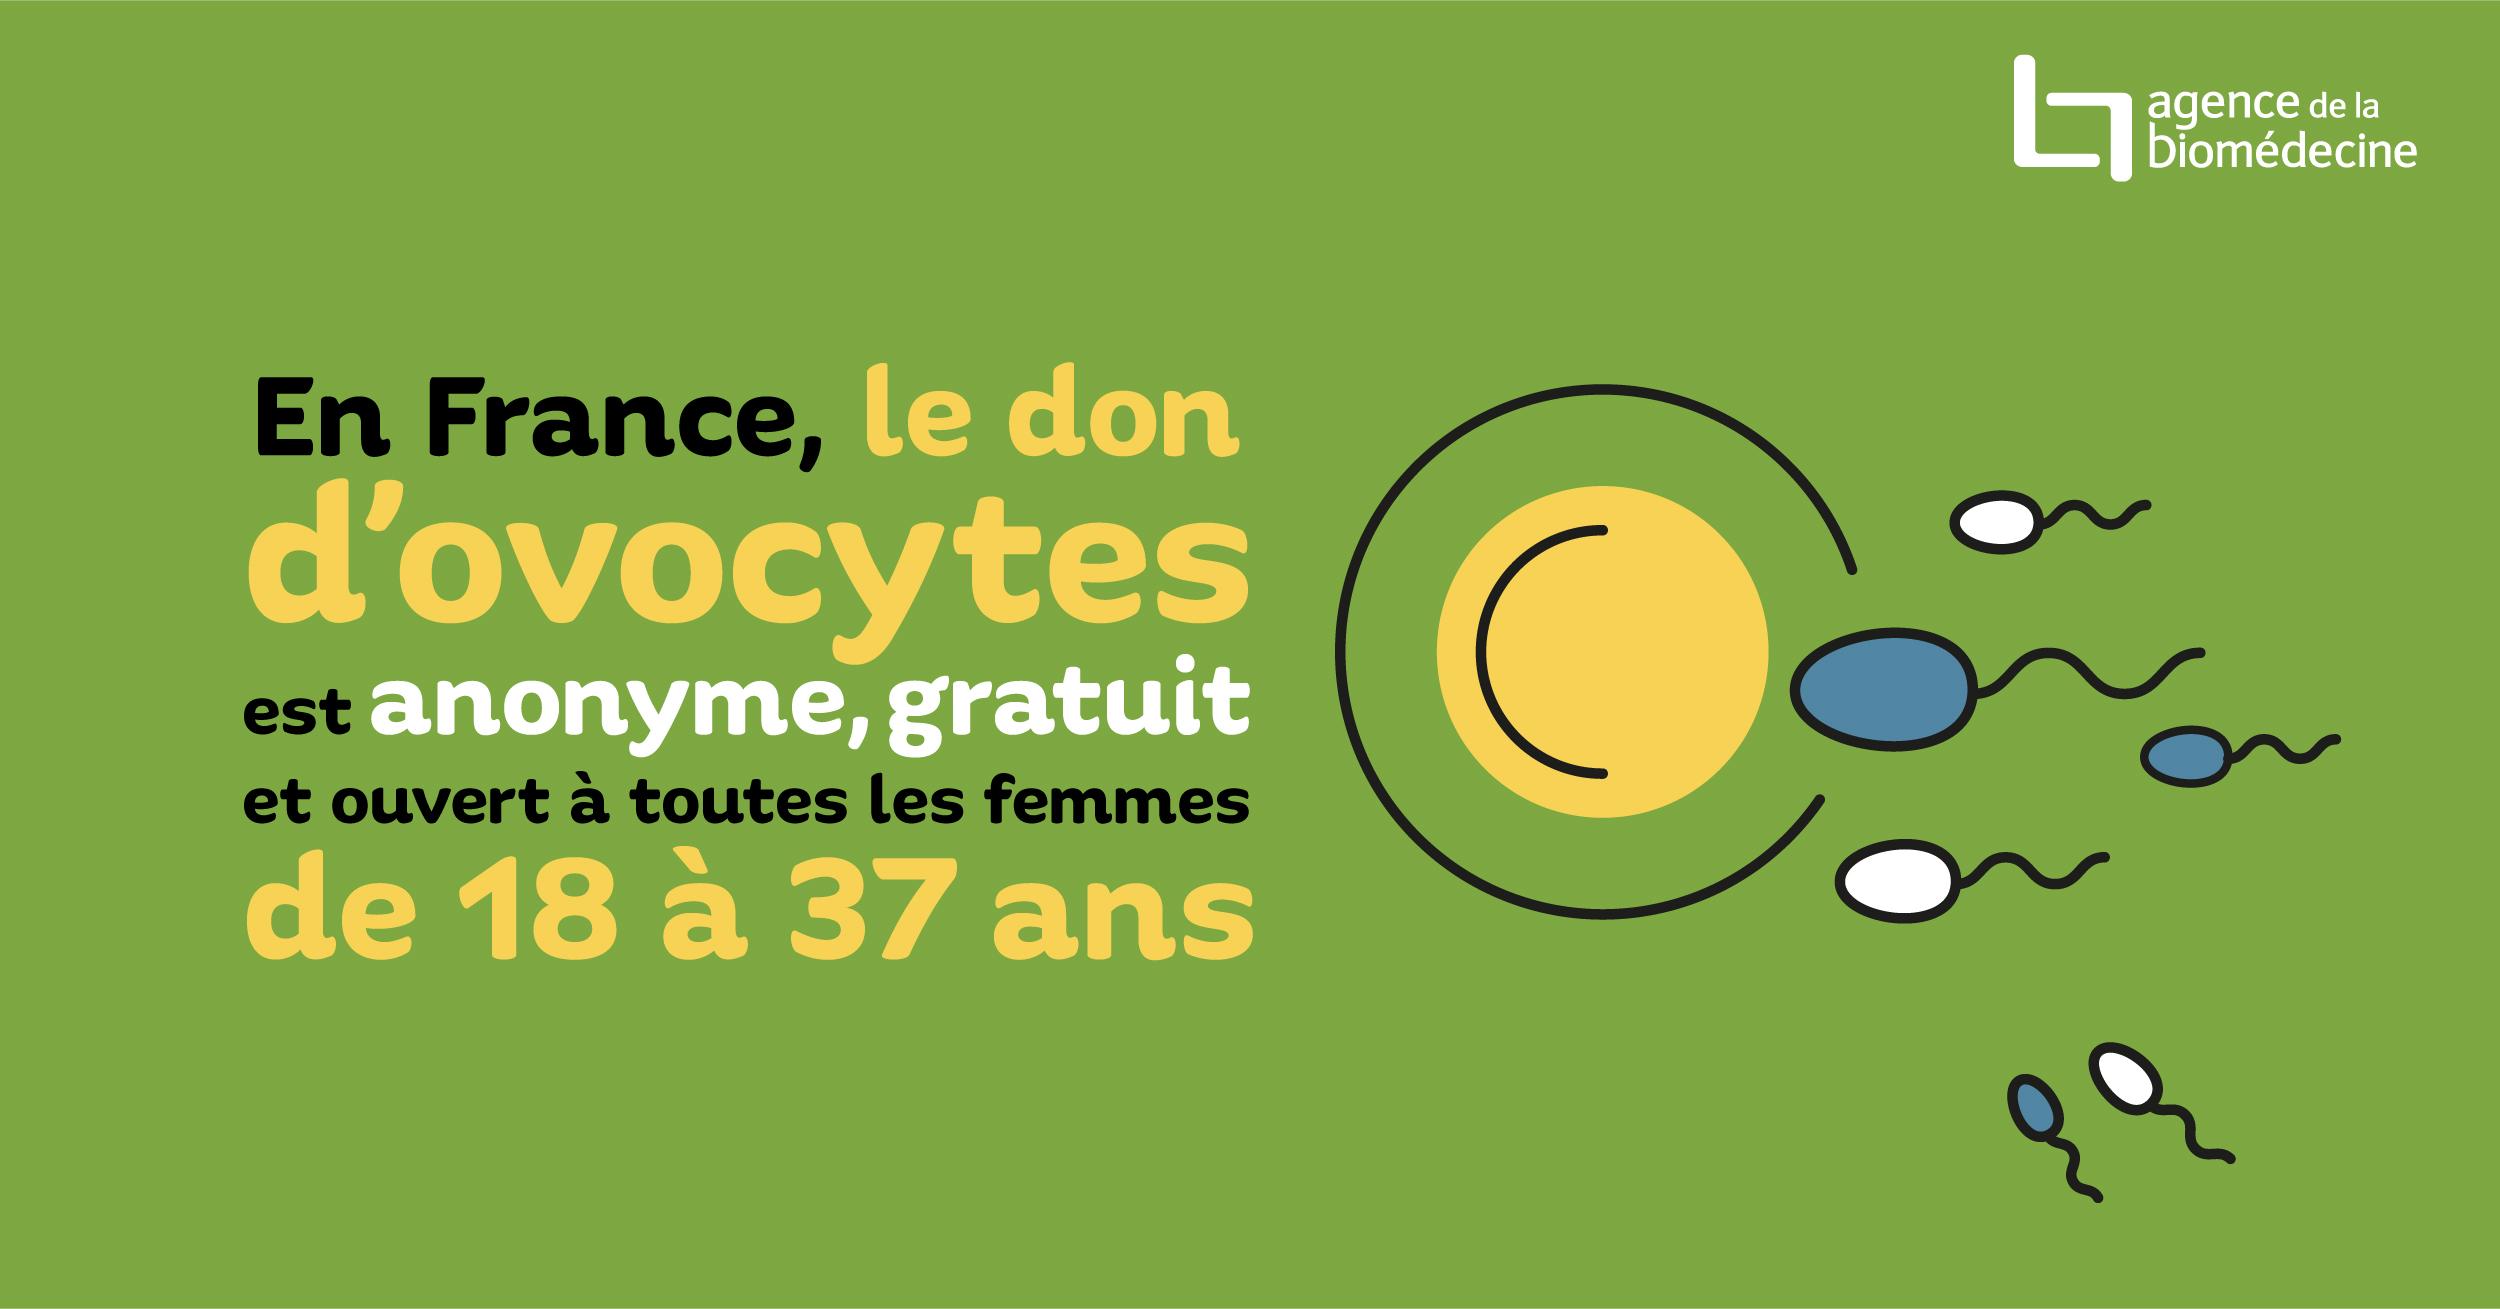 Don d'ovocytes - Le site d'information de l'Agence de la Biomédecine sur le don d'ovocyte en France